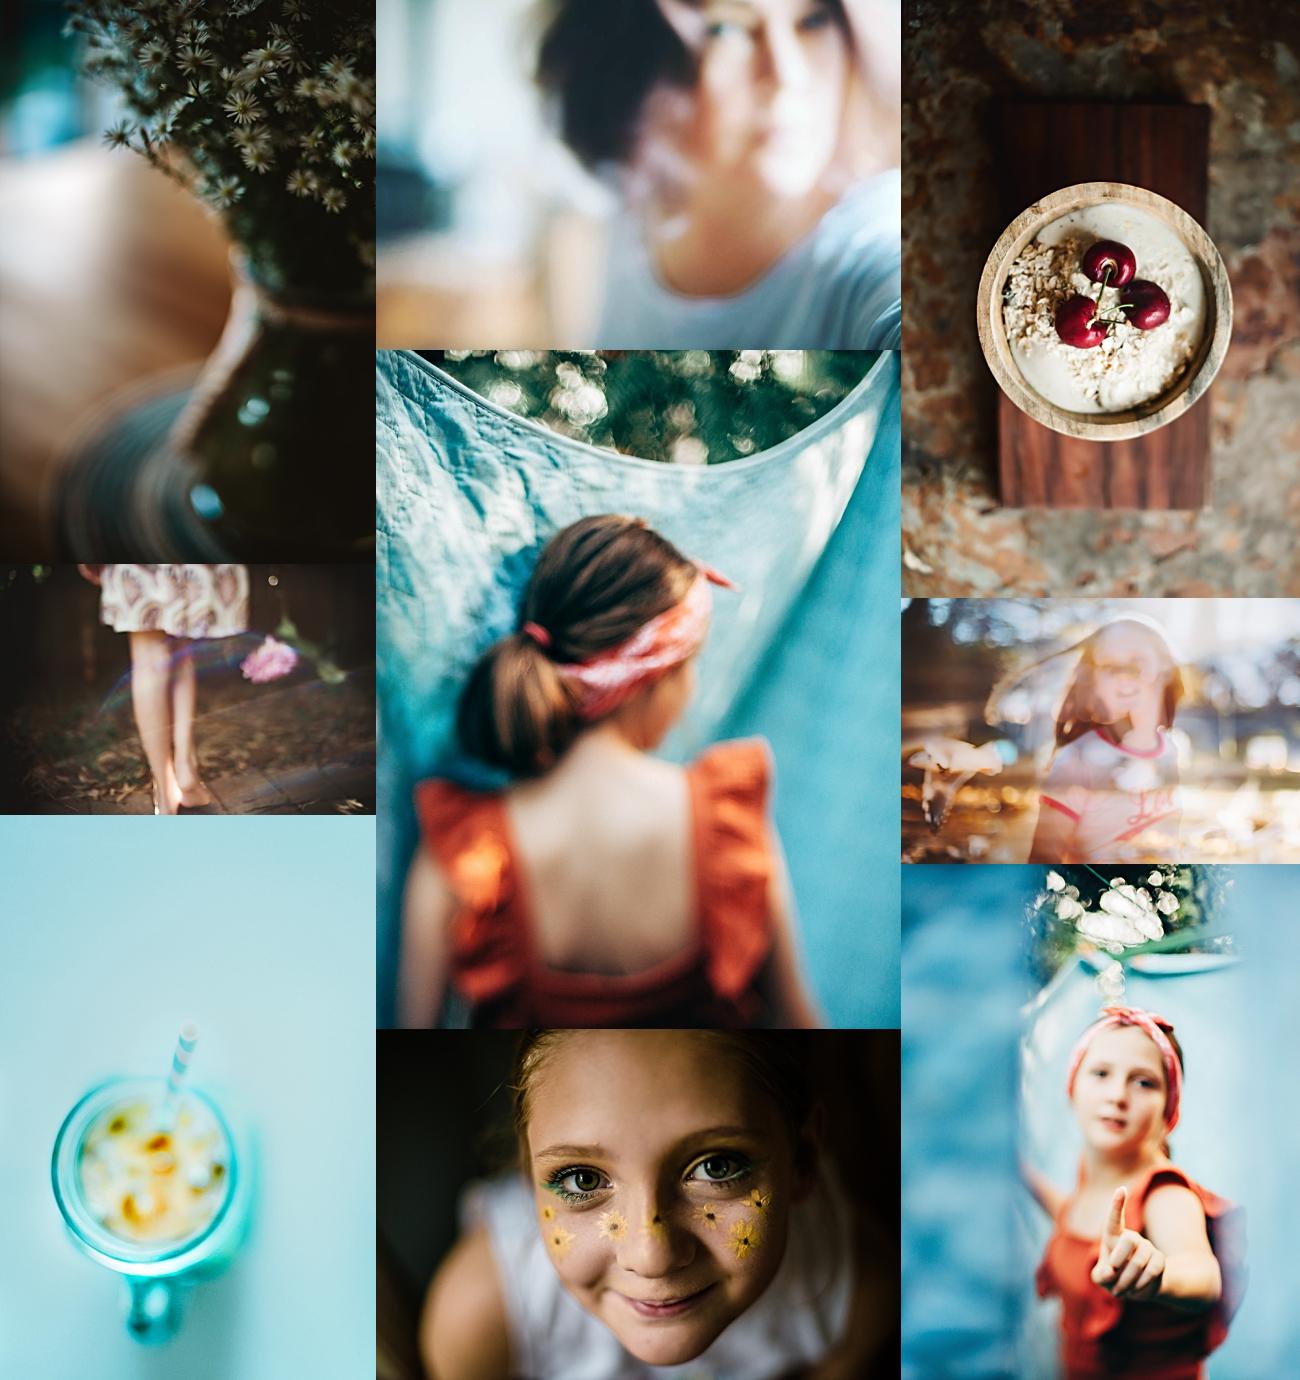 family-photographer-sydney-cindy-cavanagh2.jpg